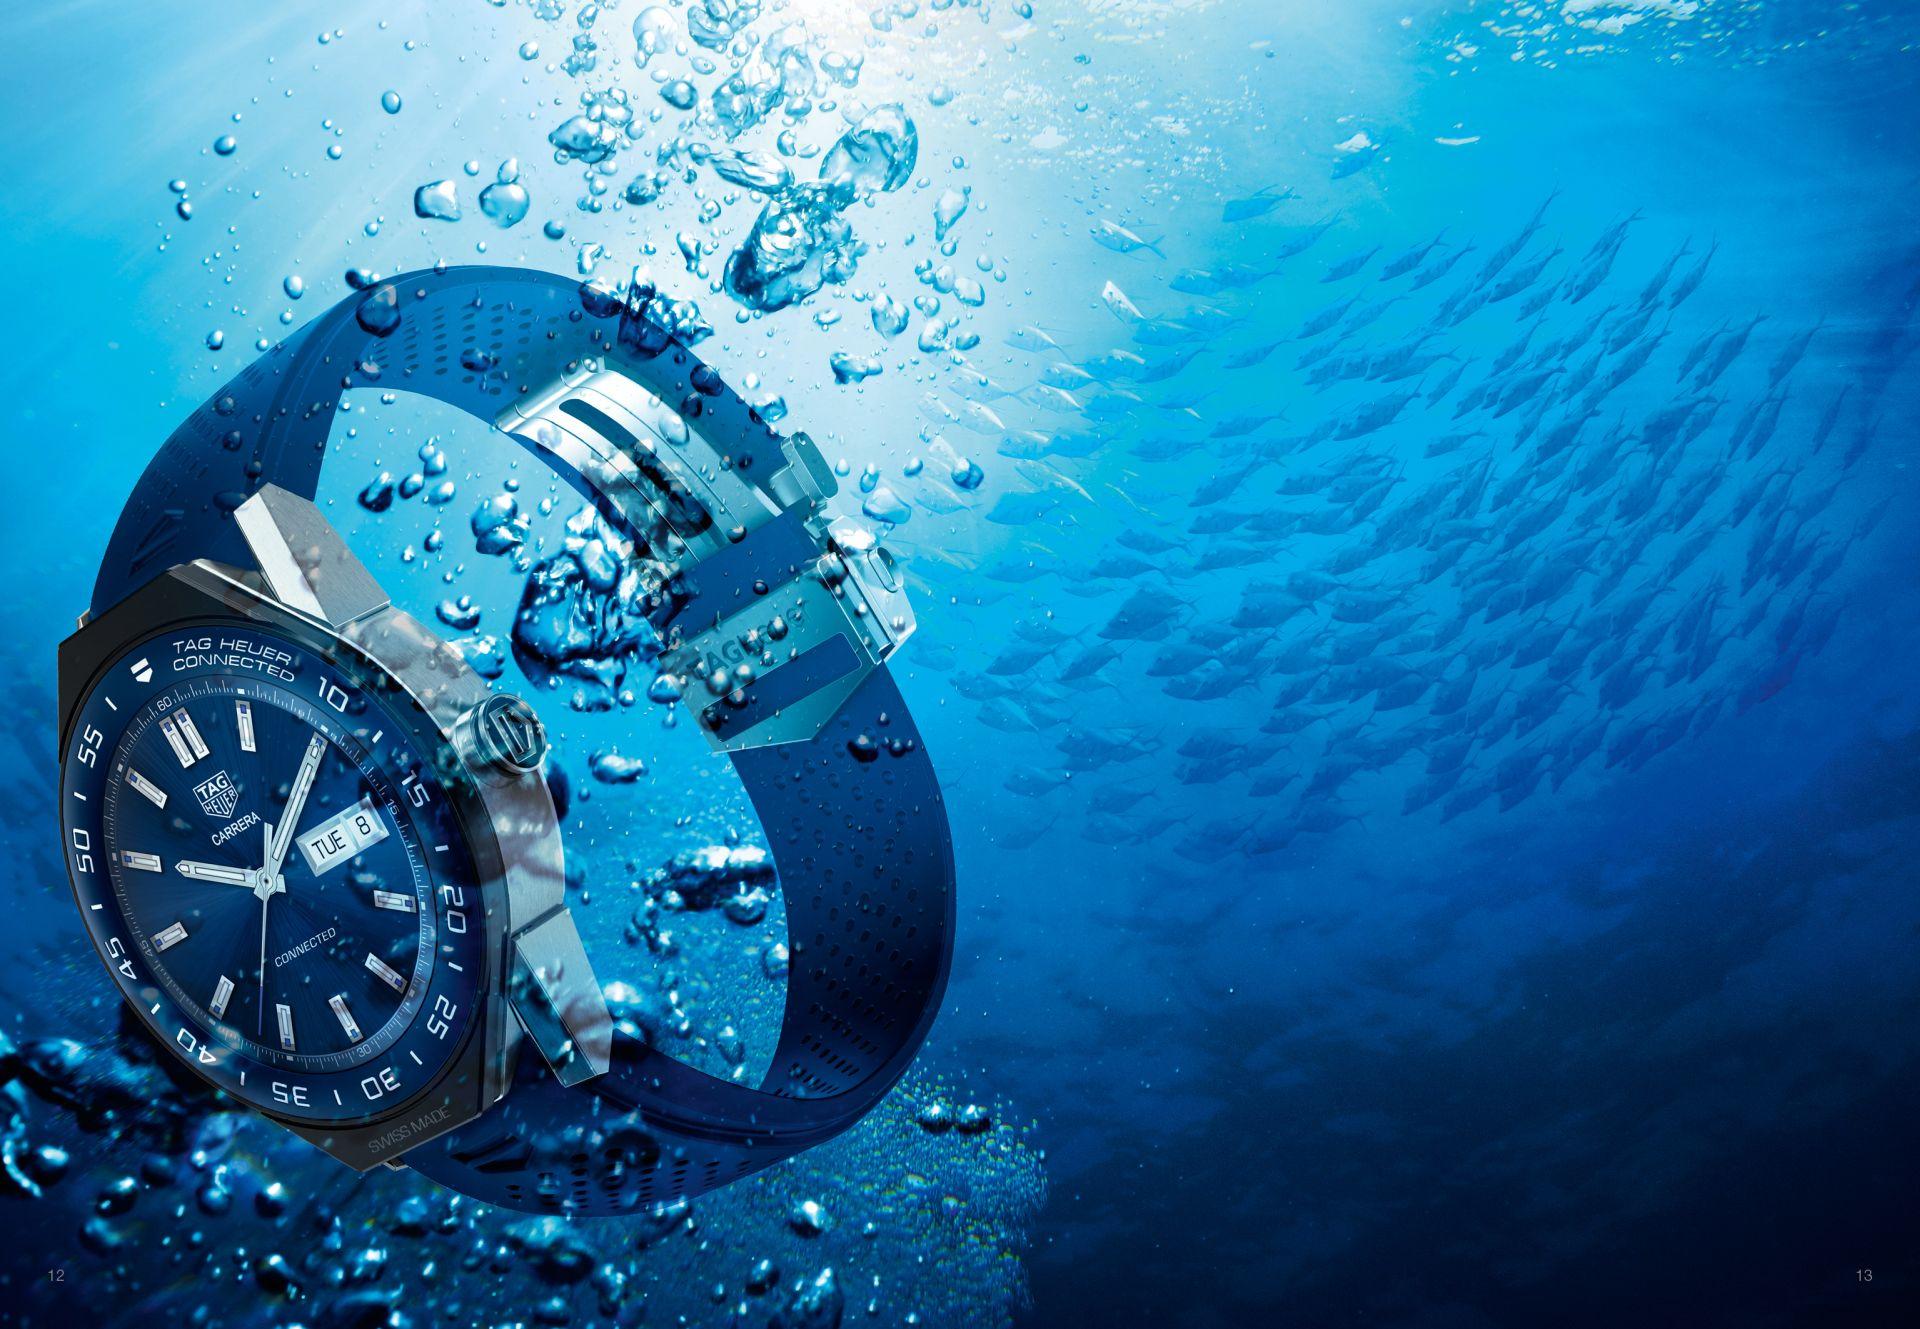 Connected Modular 45: Tag Heuers neue Smartwatch kommt mit mechanischem Uhrwerk - Die Connected Modular 45 ist bis zu einer Tiefe von 50 Metern wasserdicht. (Bild: Tag Heuer)